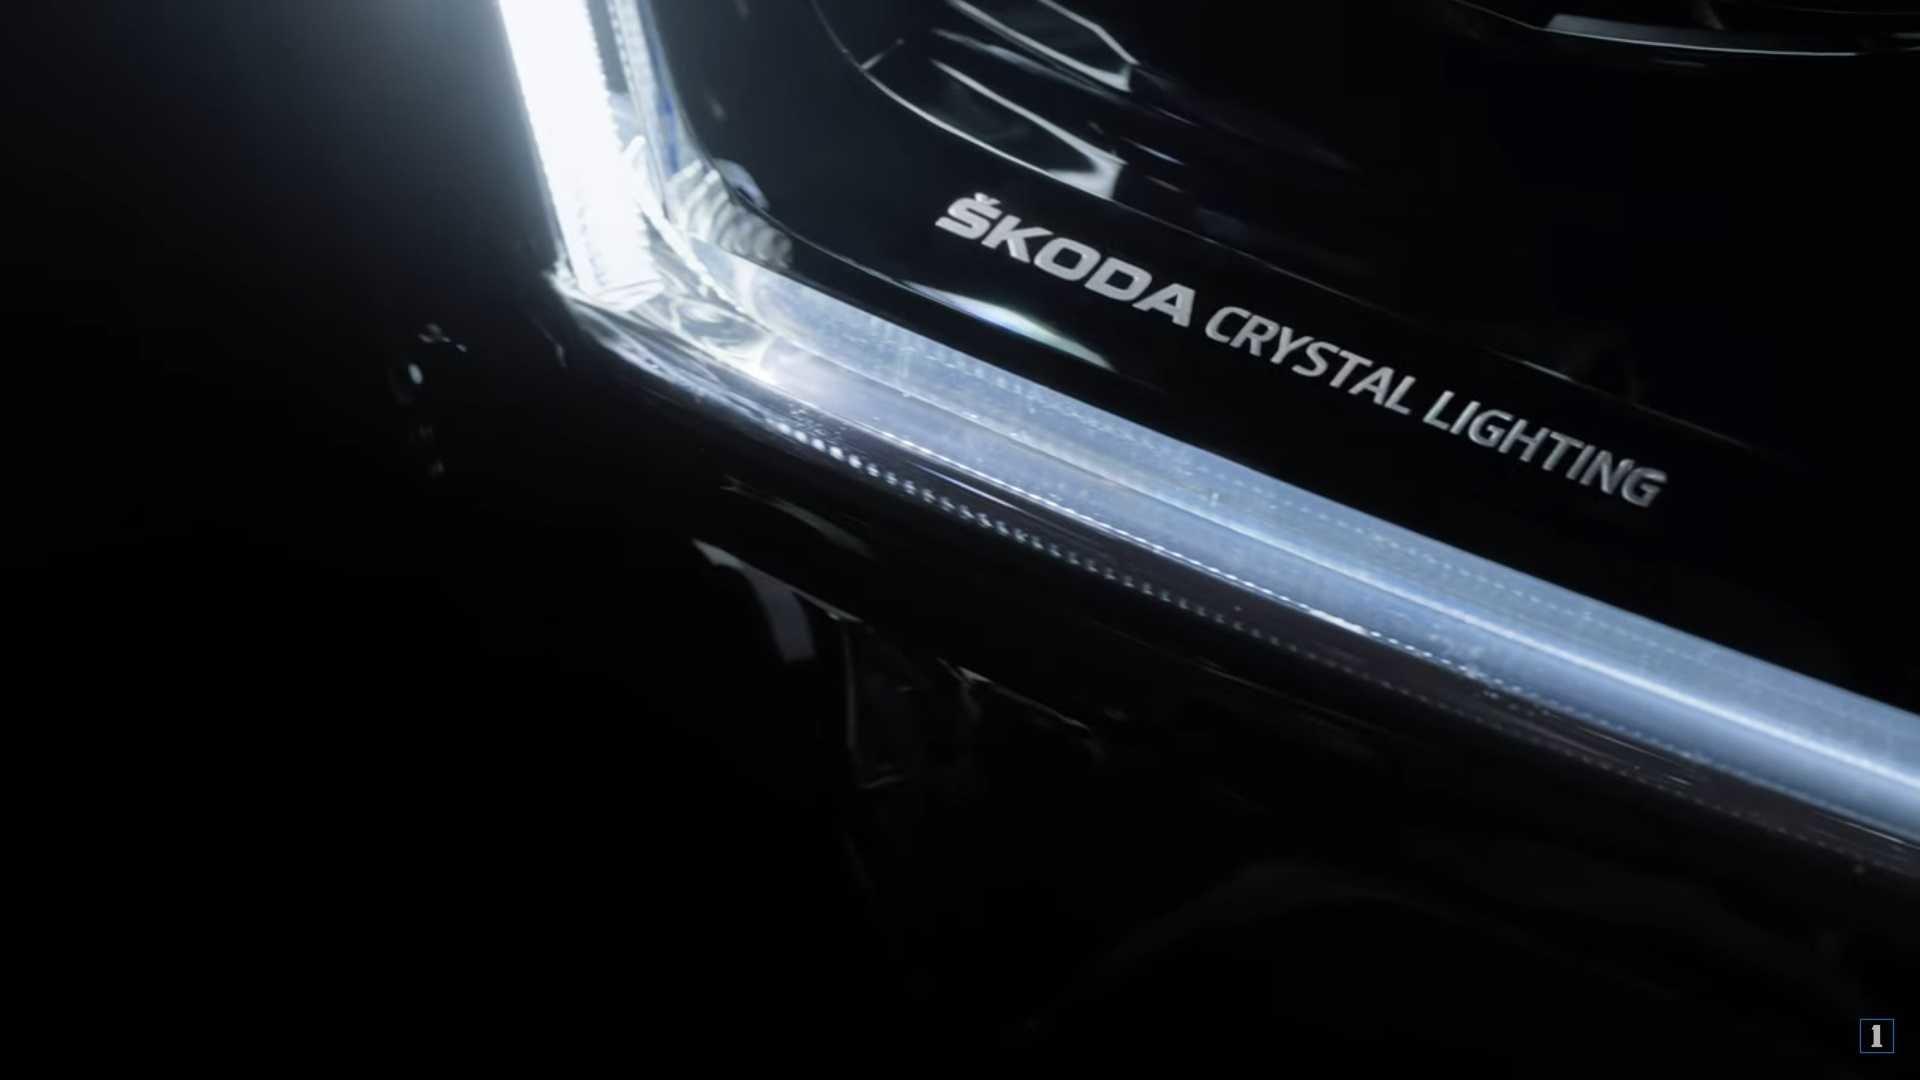 Обновленная Skoda Superb удивит прогрессивной светотехникой